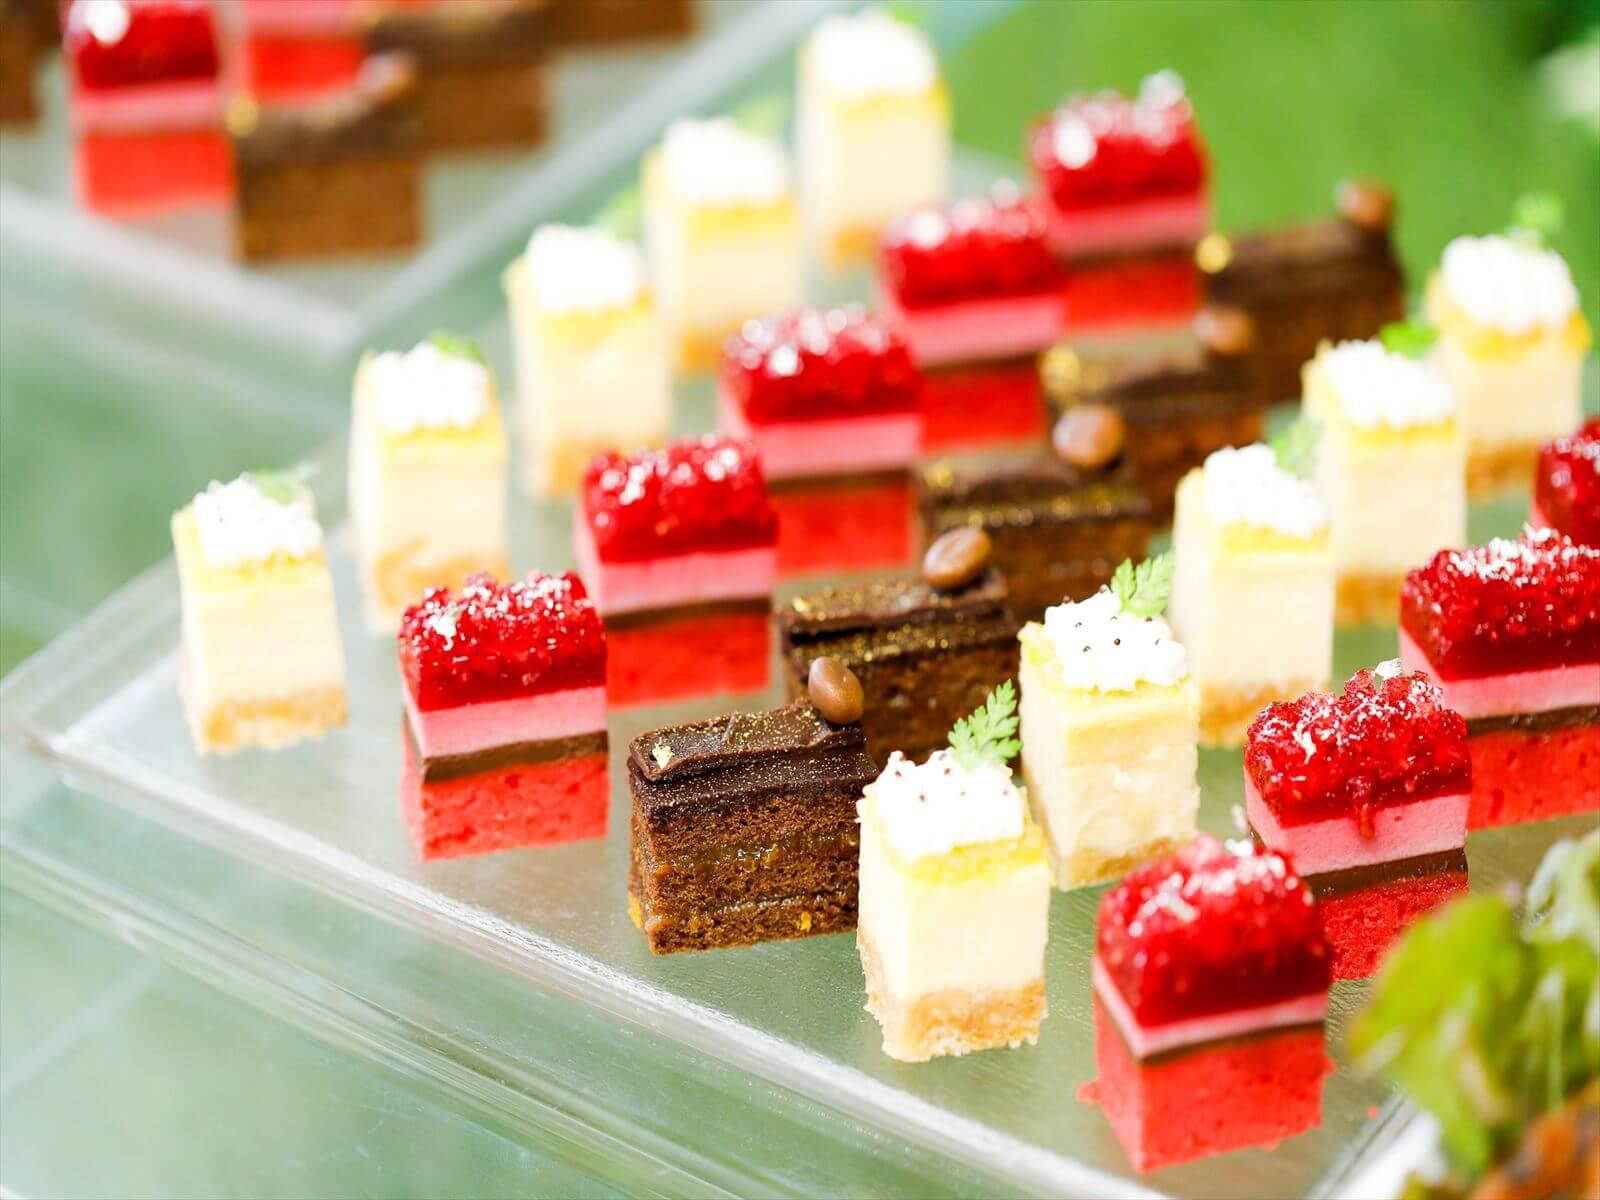 【ラグジュアリー】特製創作寿司つき!フォリクラッセの本格パーティー向け豪華ケータリングプラン画像5